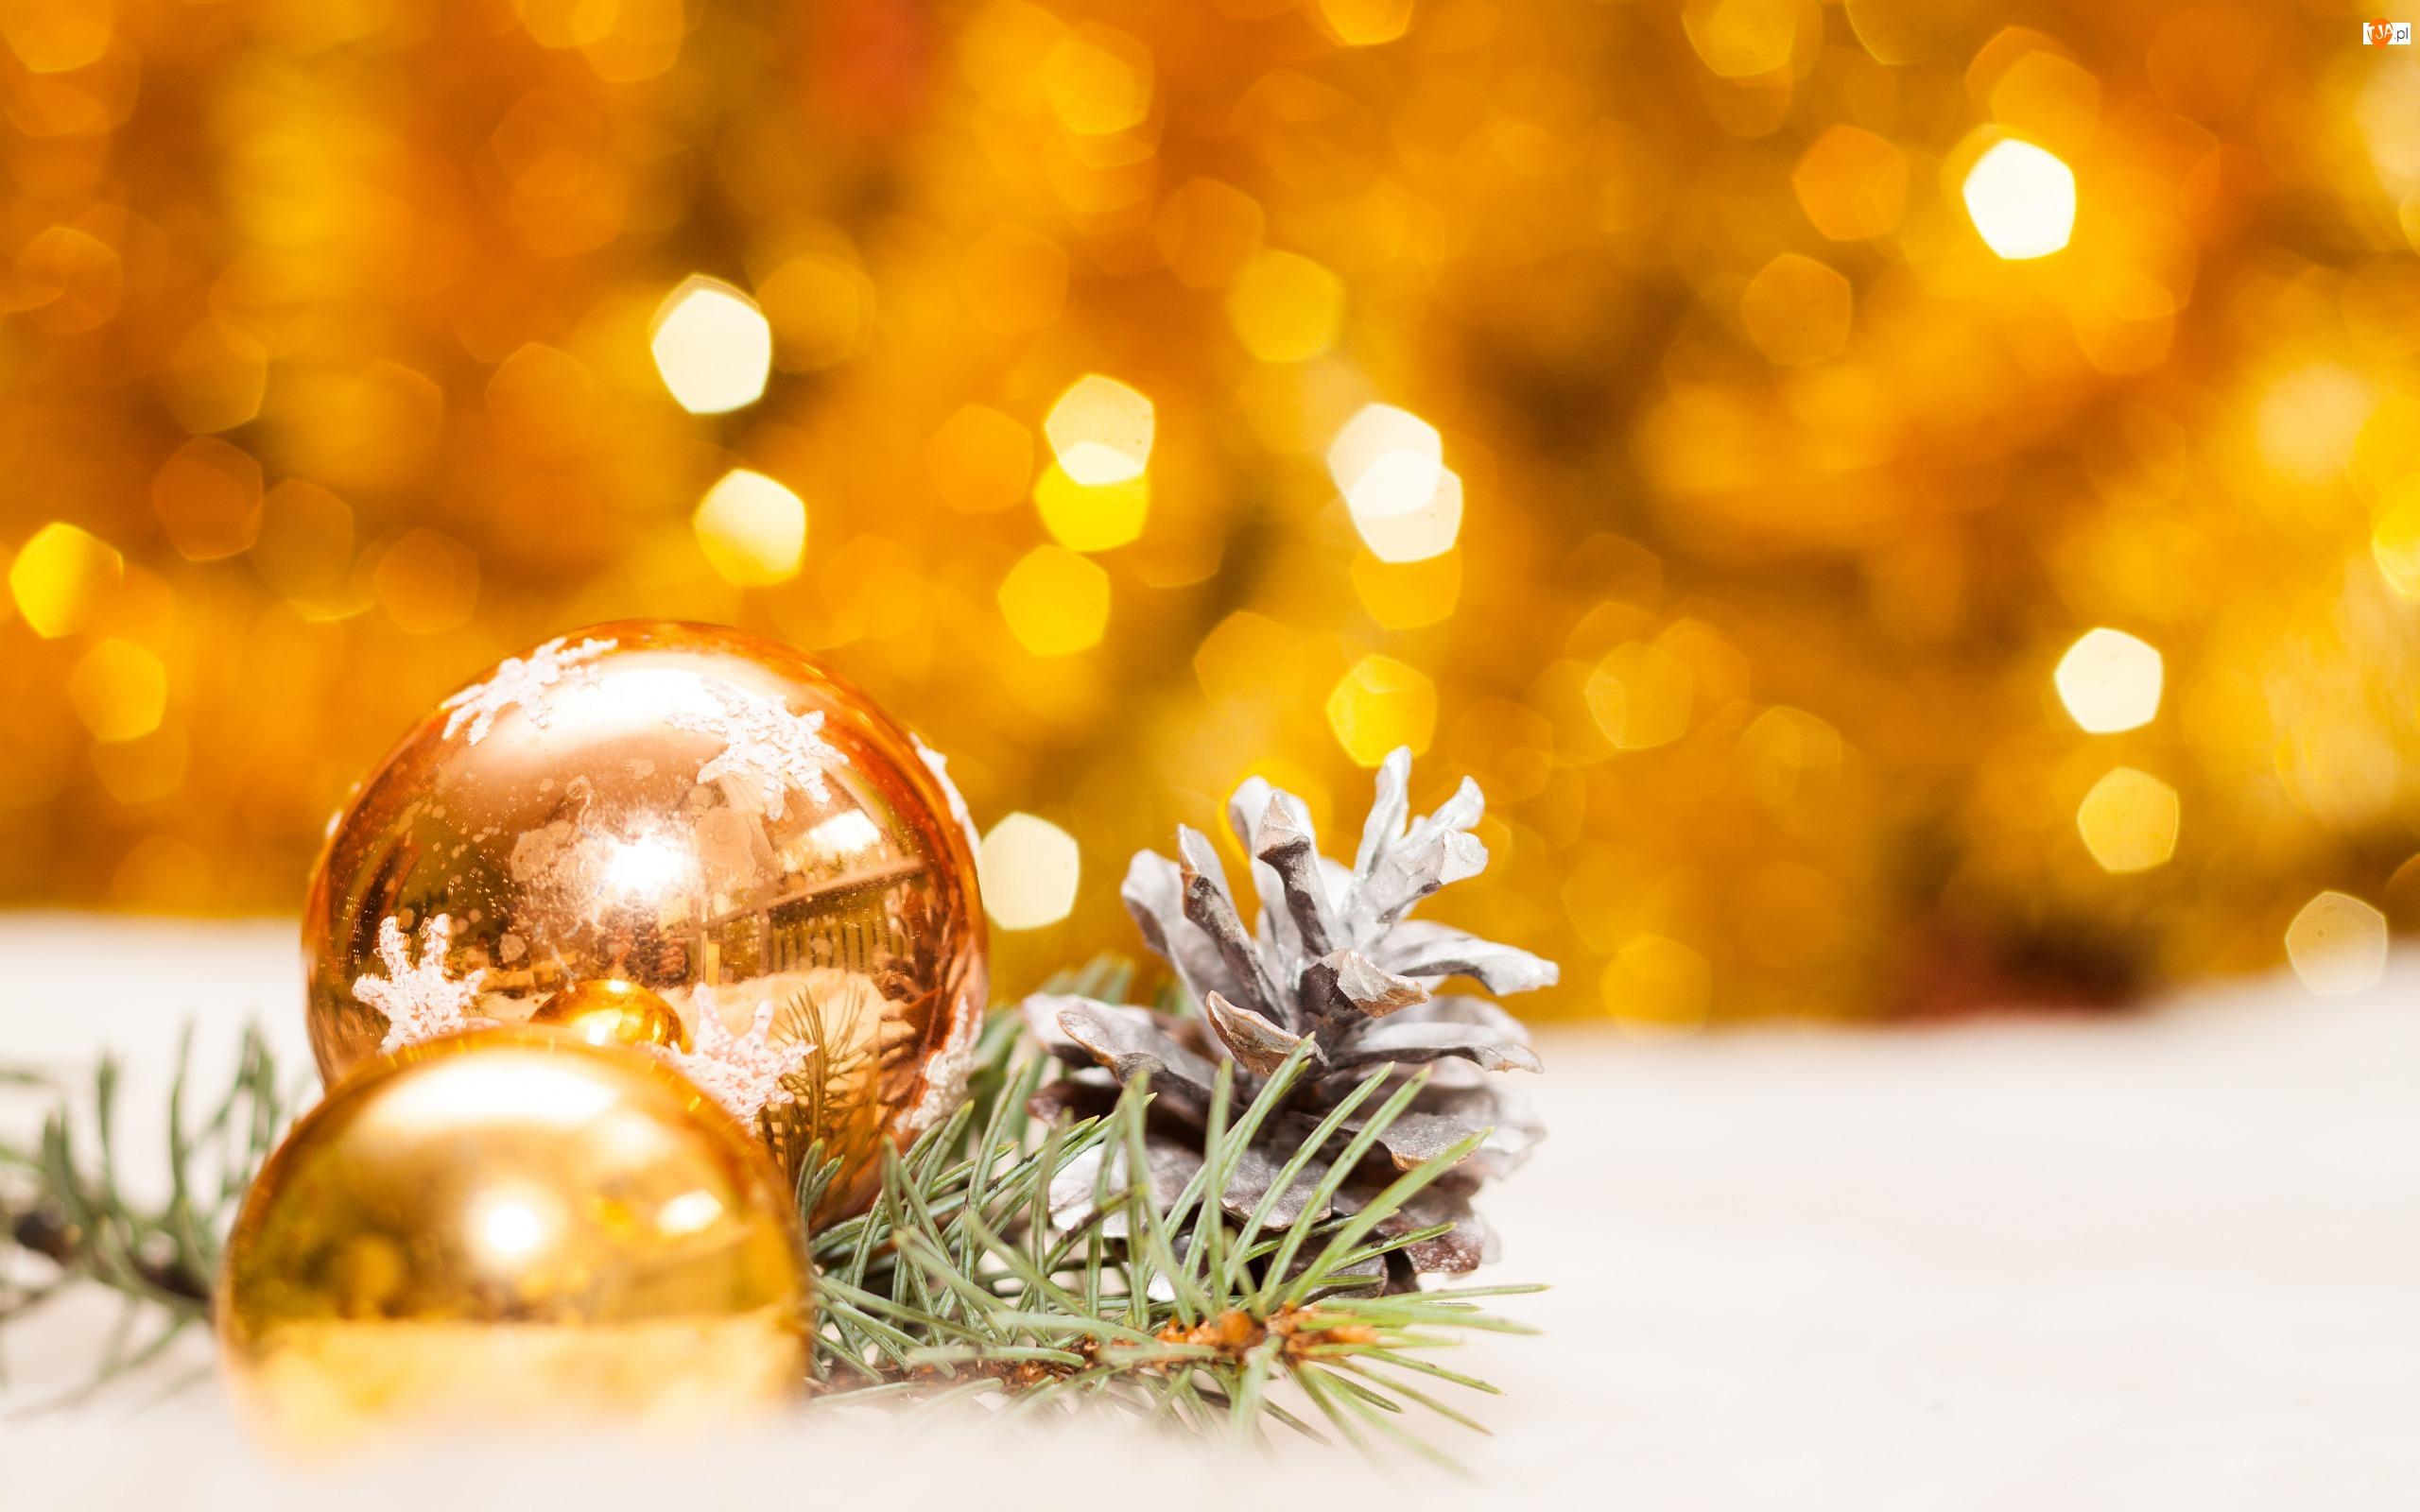 Szyszka, Boże Narodzenie, Bombki, Złote, Święta